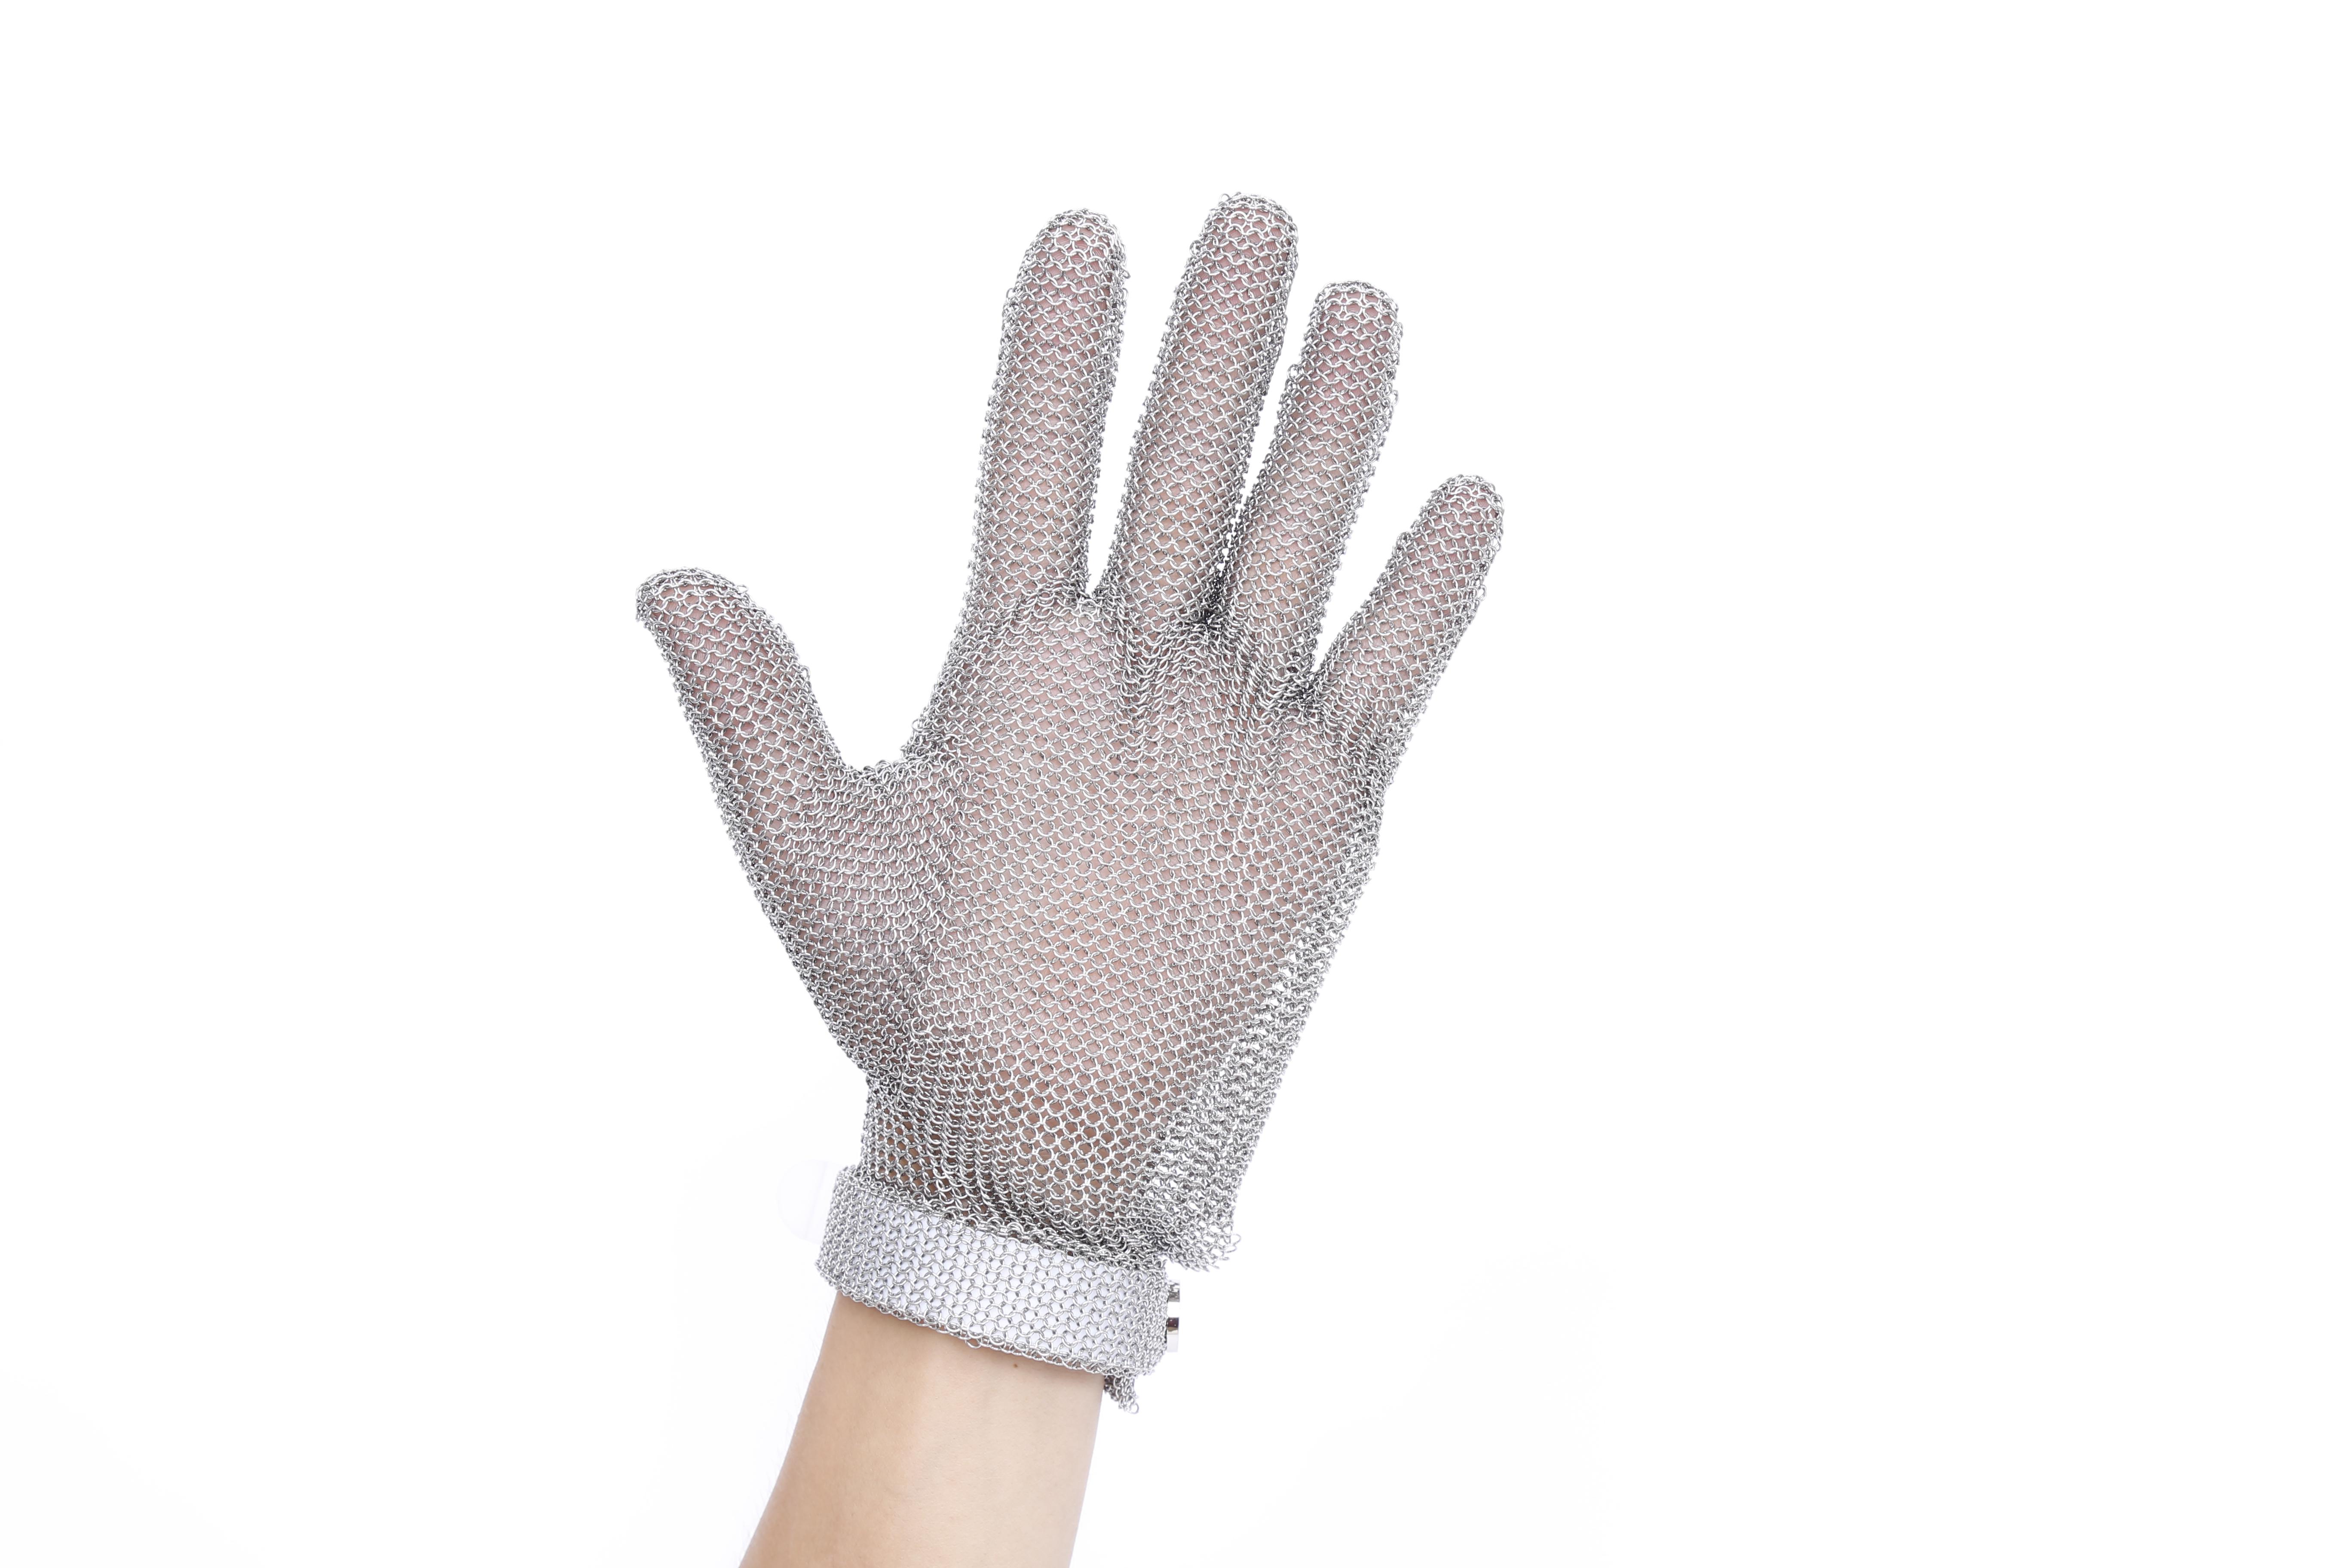 Dubetter wrist length steel mesh glove